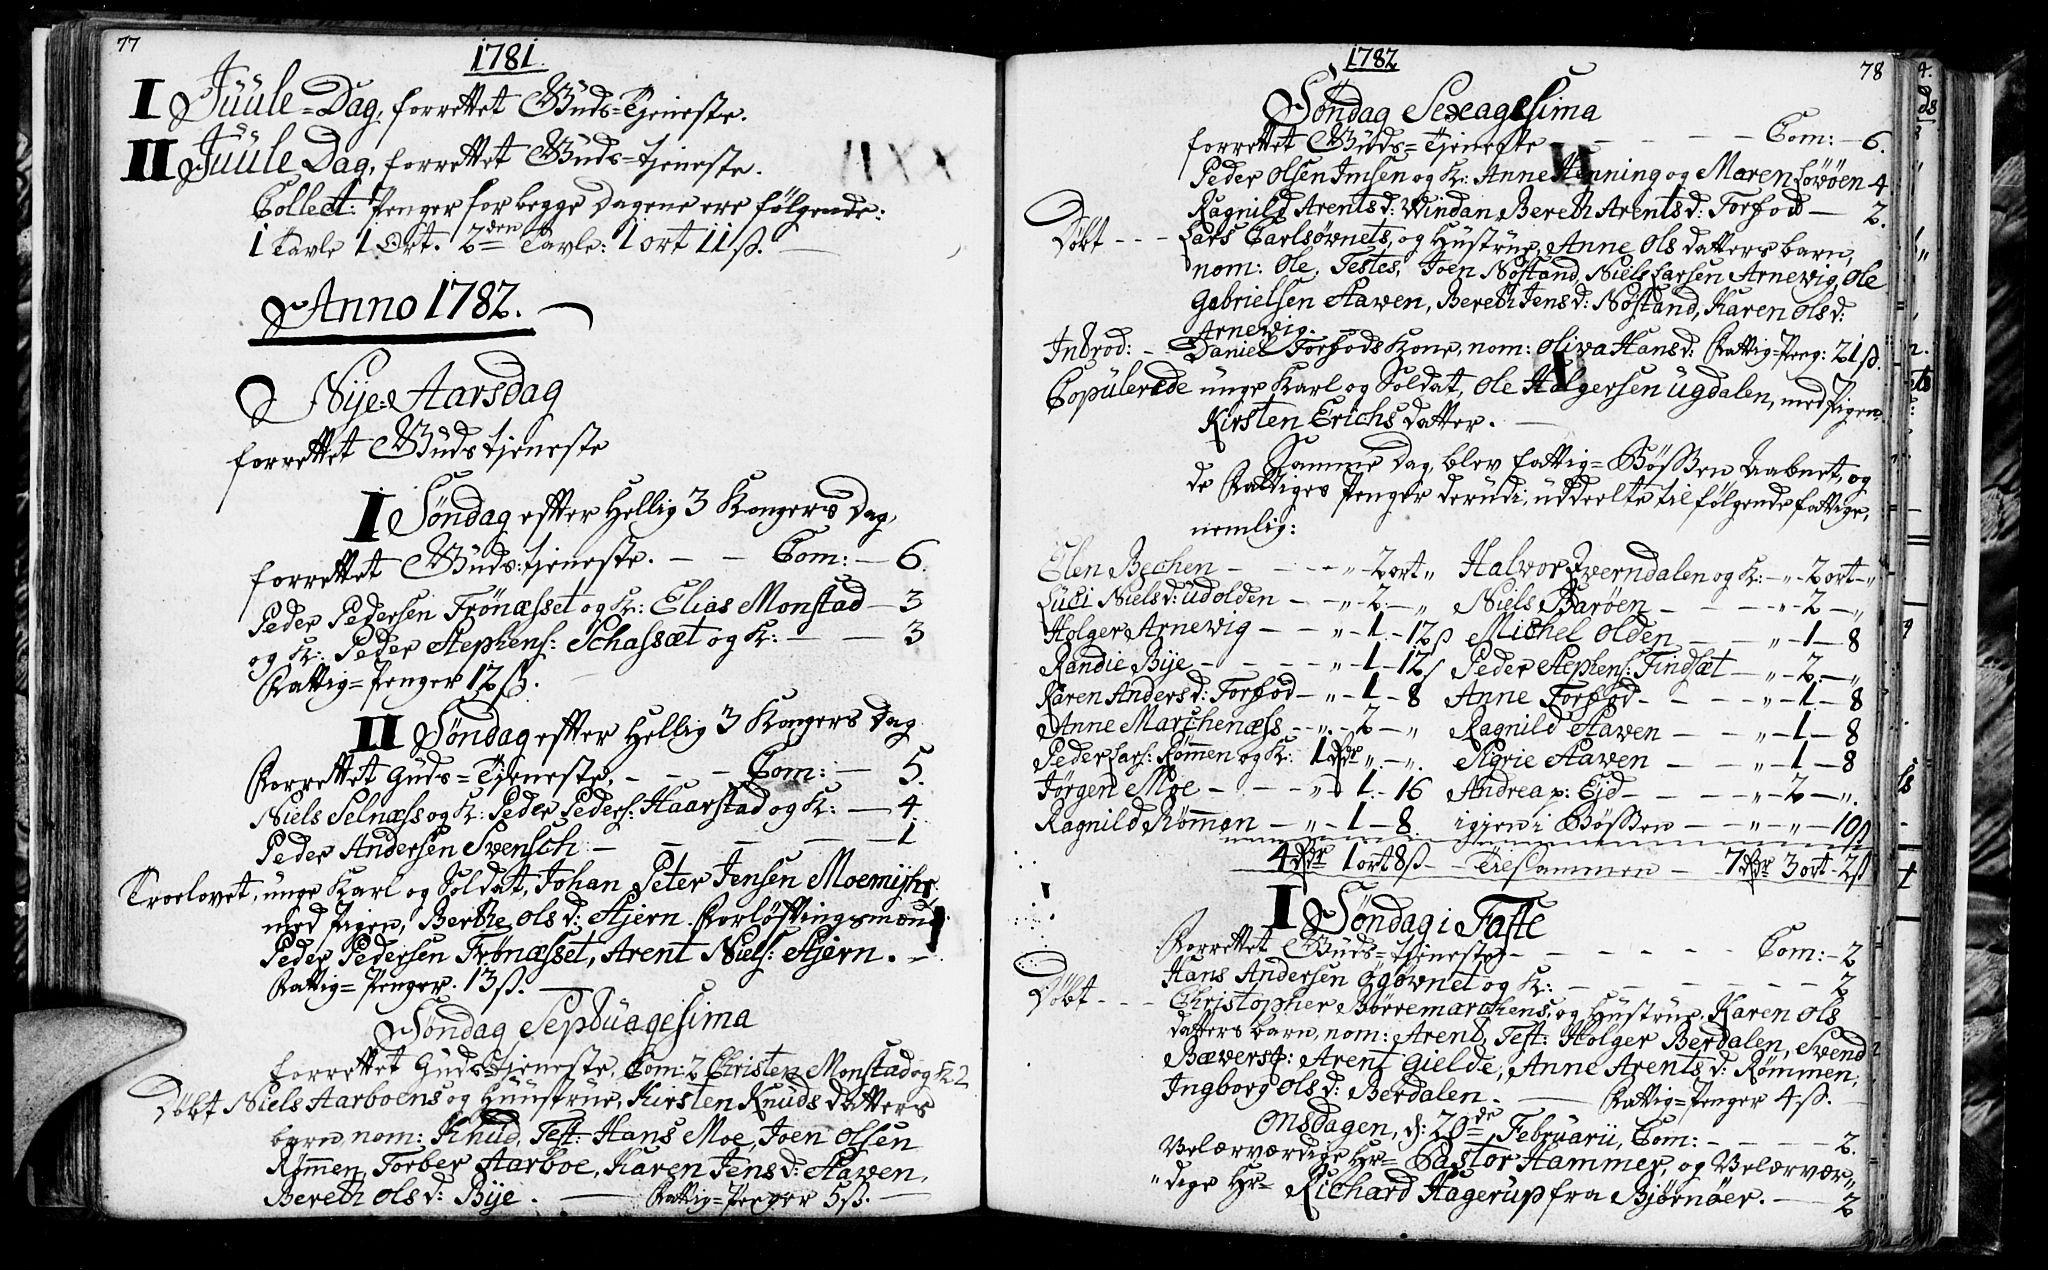 SAT, Ministerialprotokoller, klokkerbøker og fødselsregistre - Sør-Trøndelag, 655/L0685: Klokkerbok nr. 655C01, 1777-1788, s. 77-78